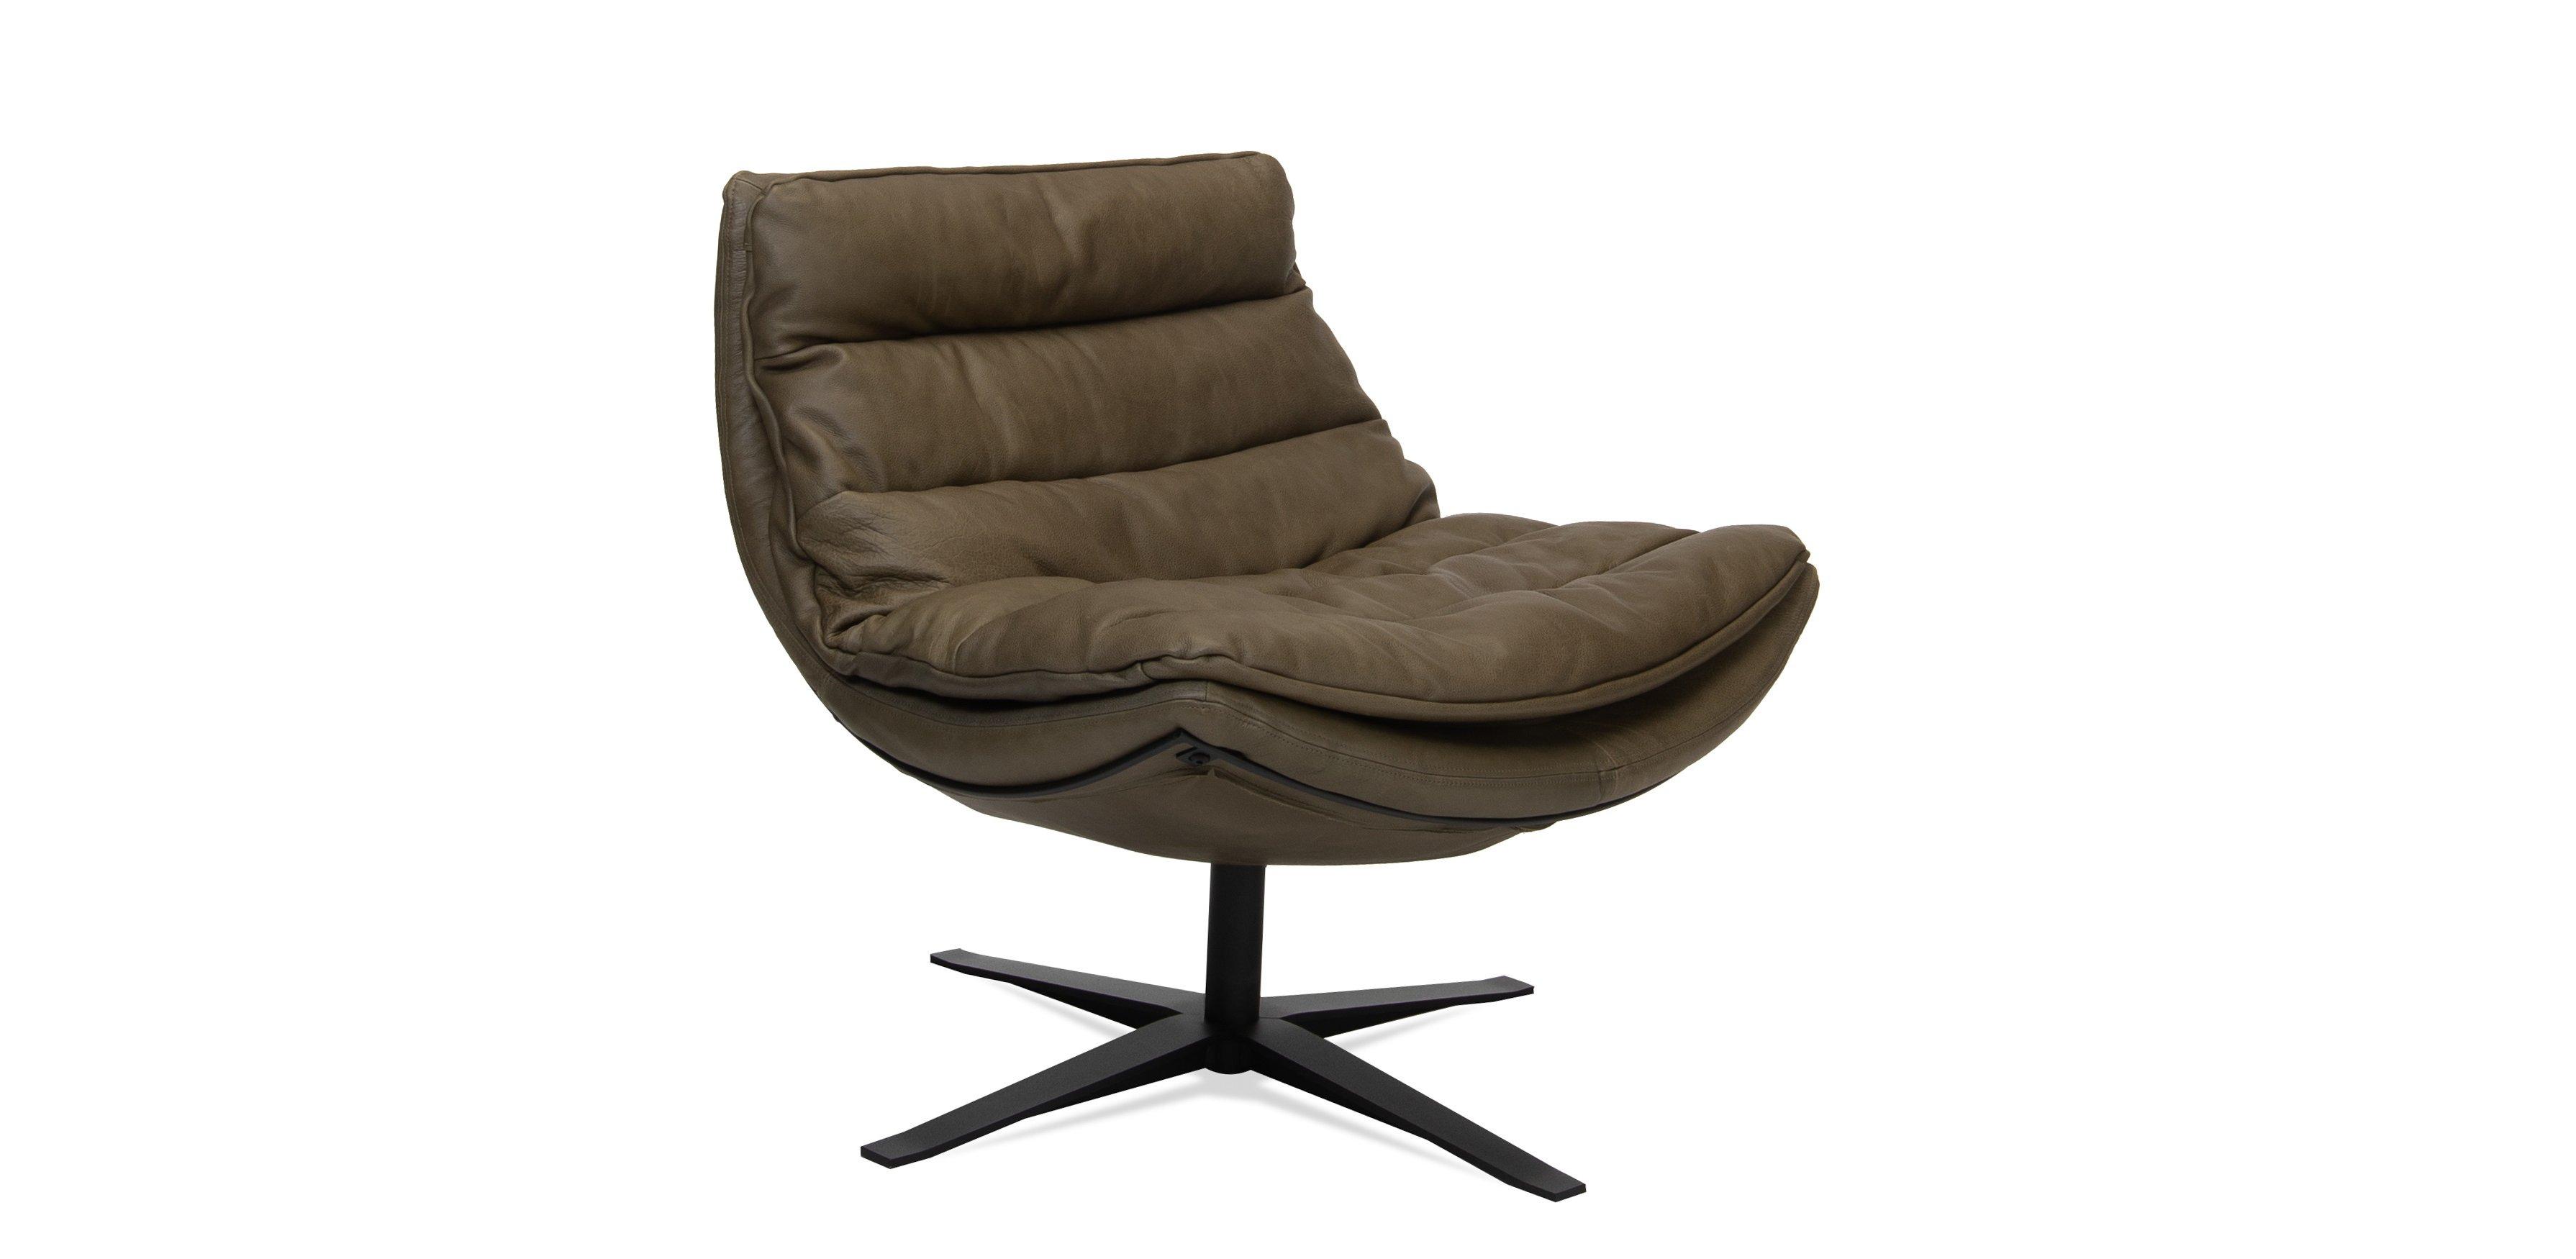 Kameraad fauteuil DYYK 3